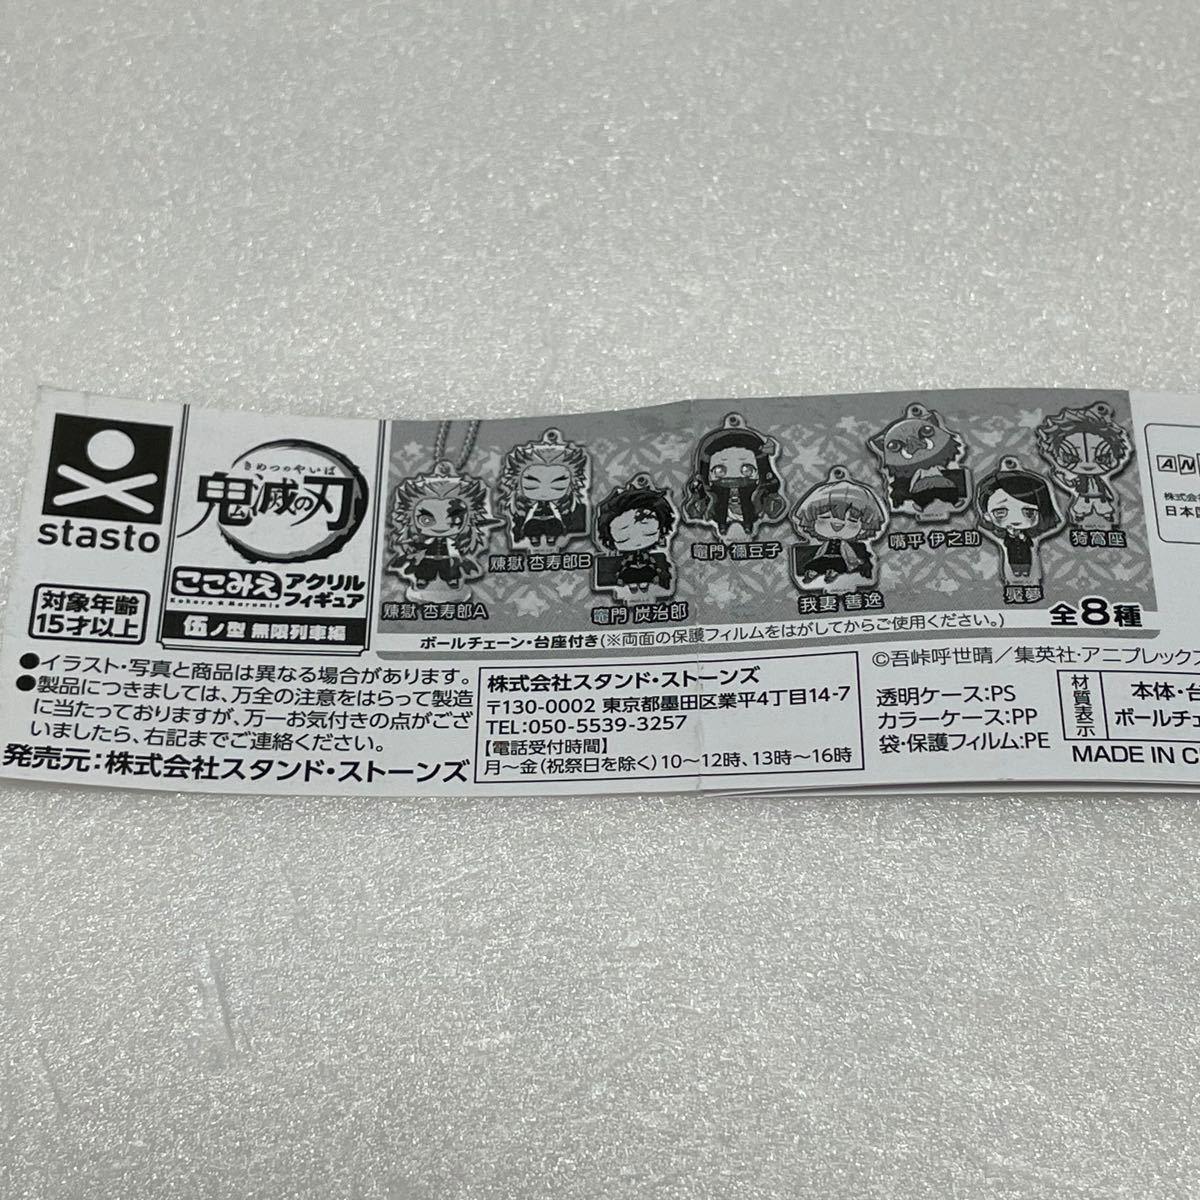 鬼滅の刃 ここみえ アクリルフィギュア 伍ノ型 無限列車編 7種セット!